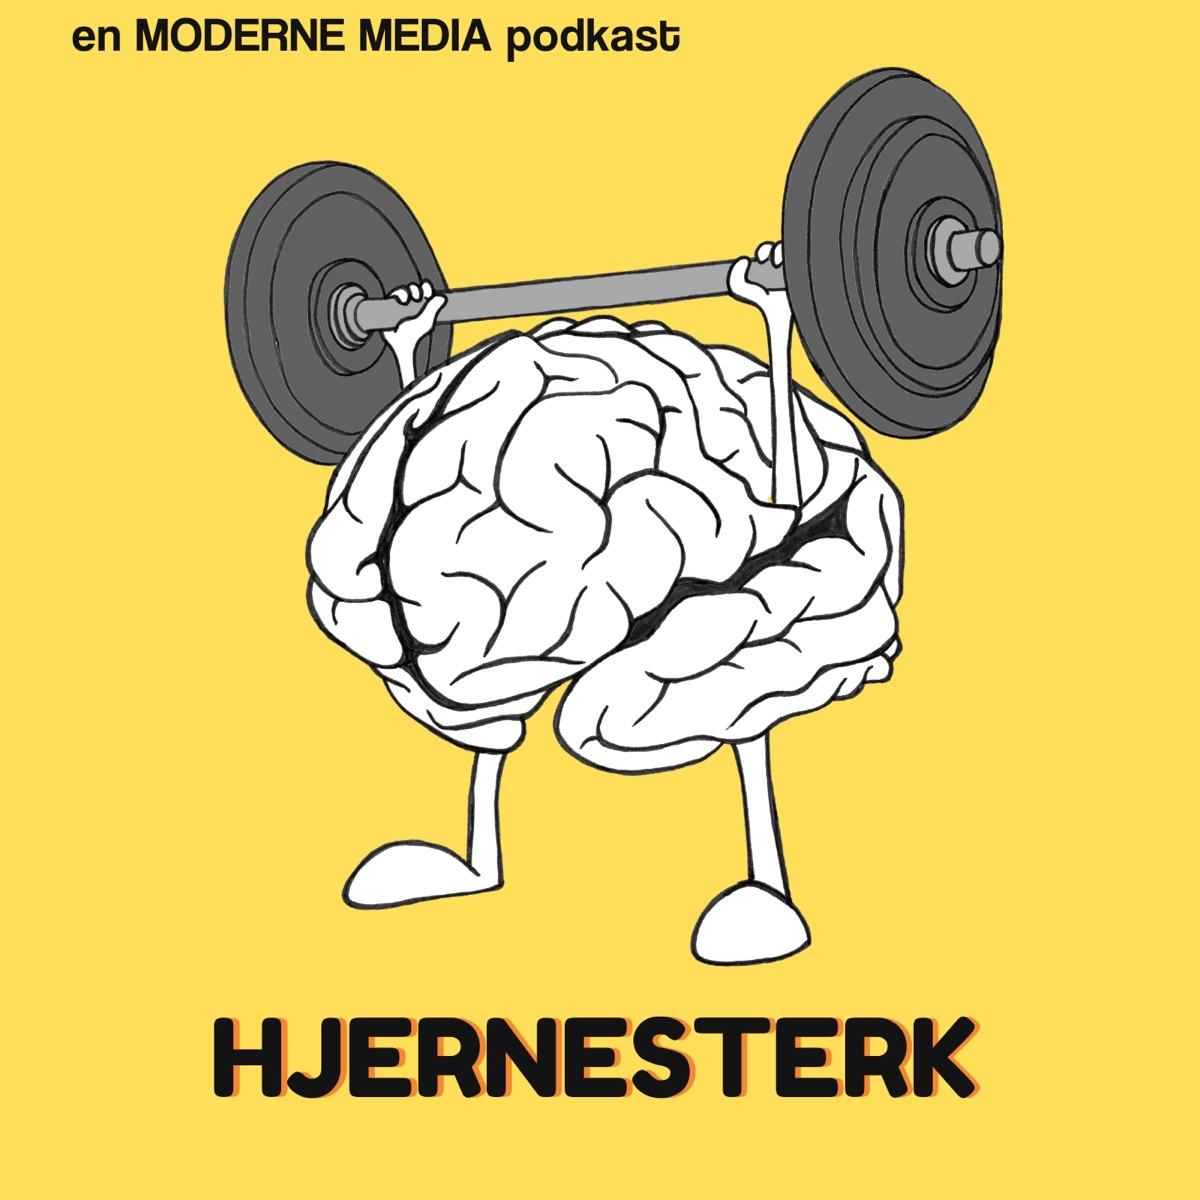 Hjernesterk